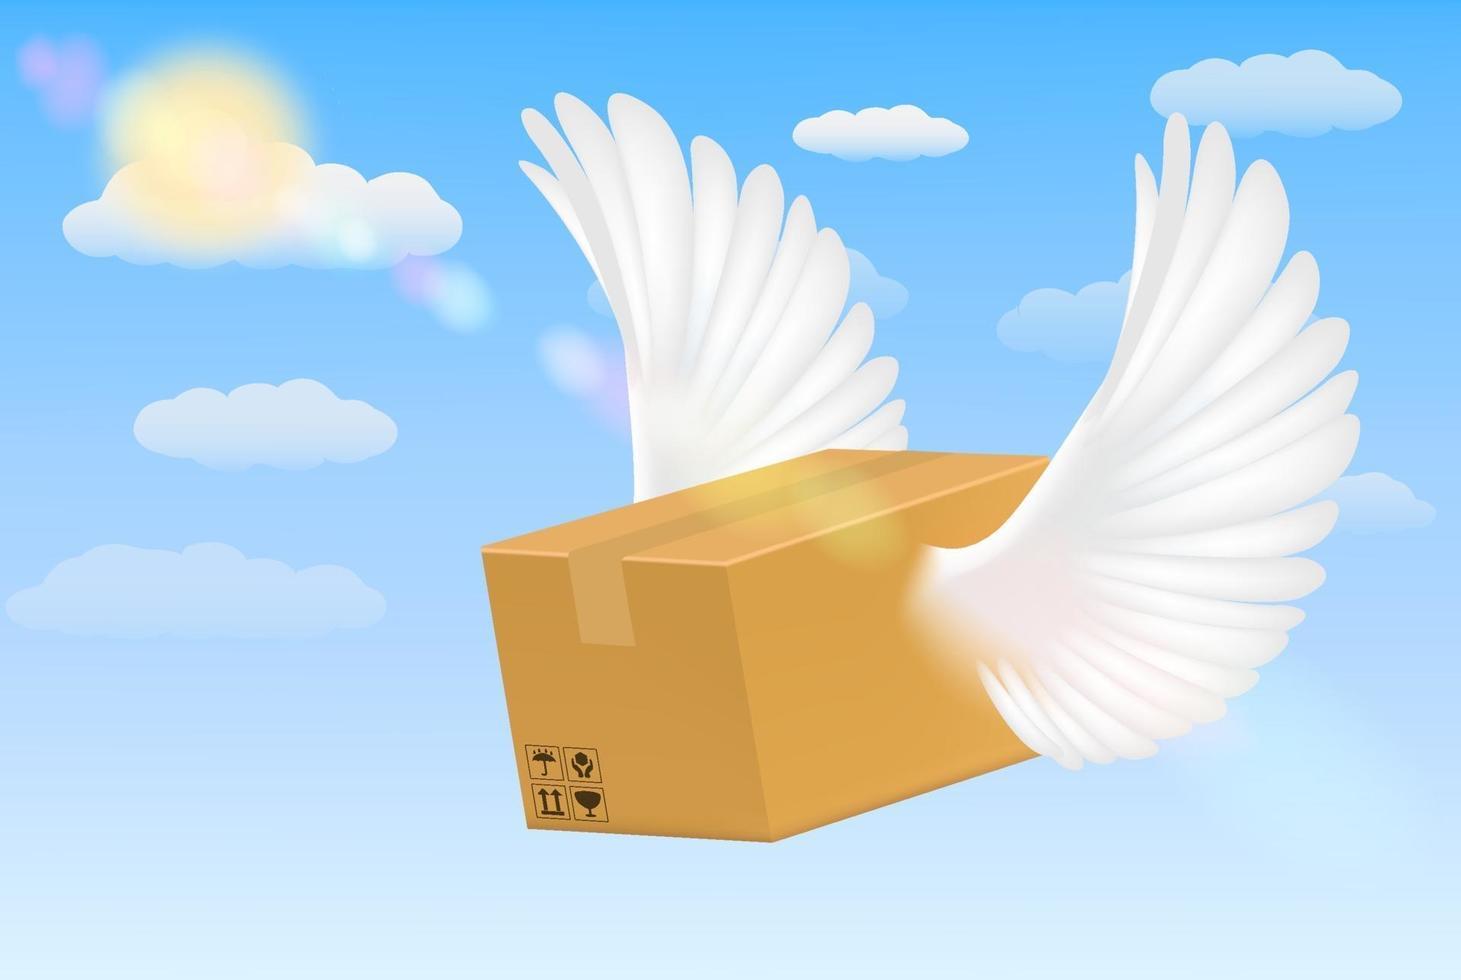 entrega caixa de papelão ondulado com asas de pássaro voando vetor